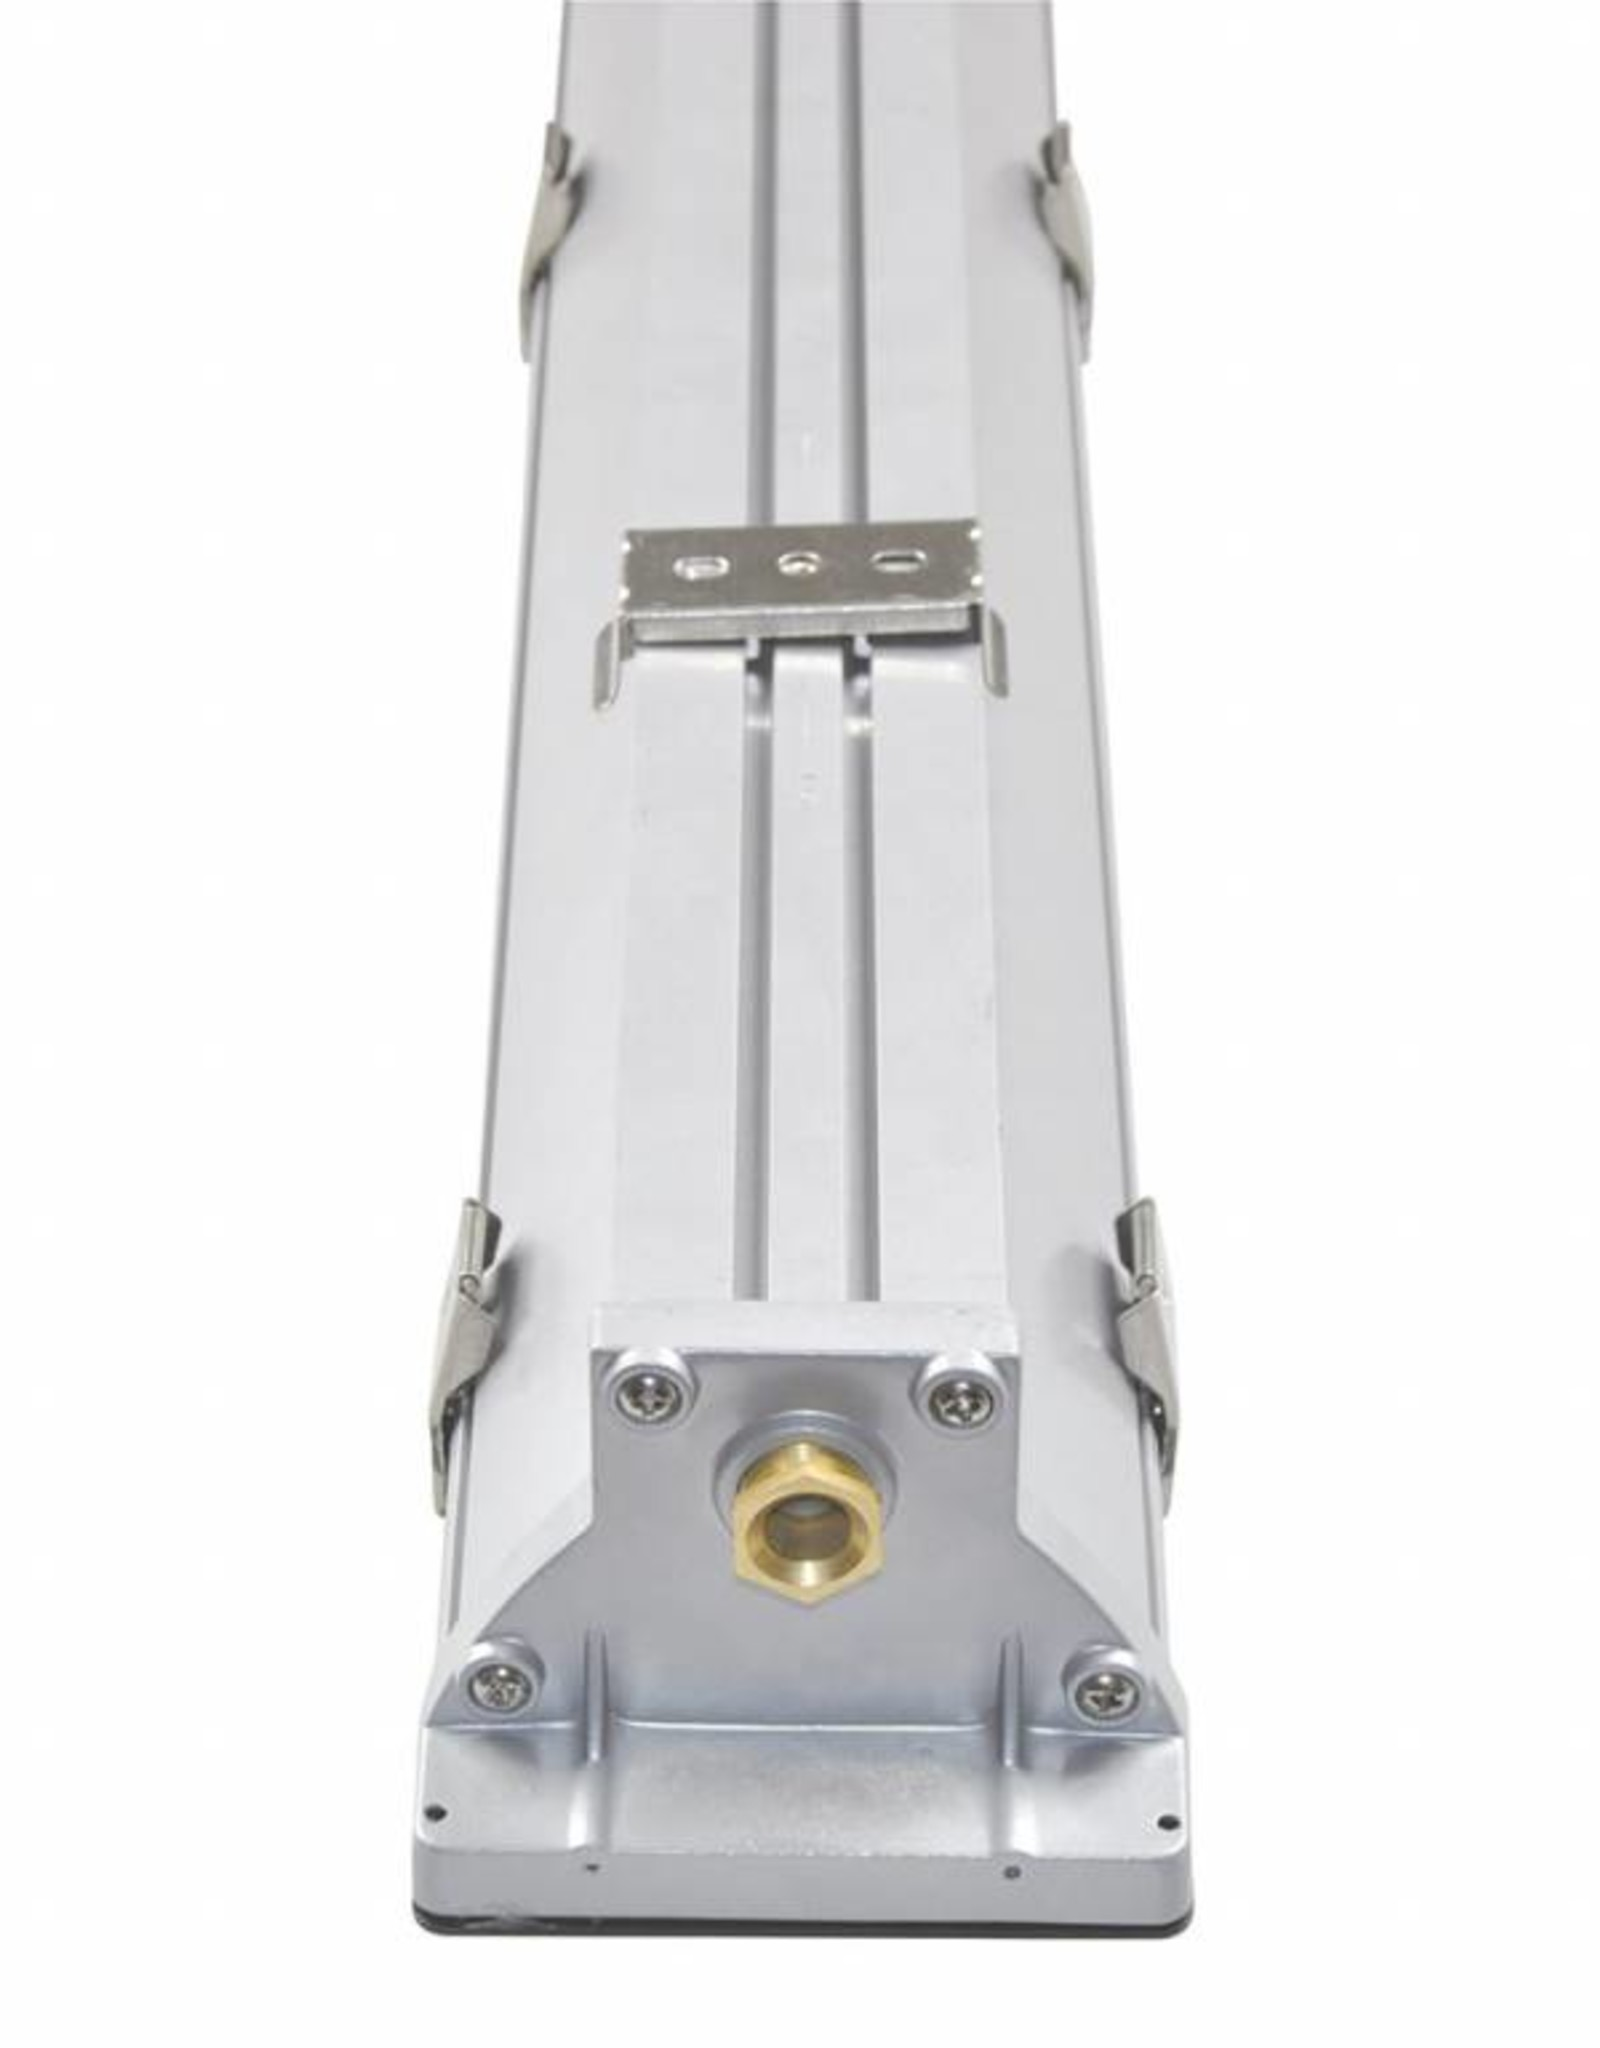 ALUMAX LED 2.2 Ft 3200/840